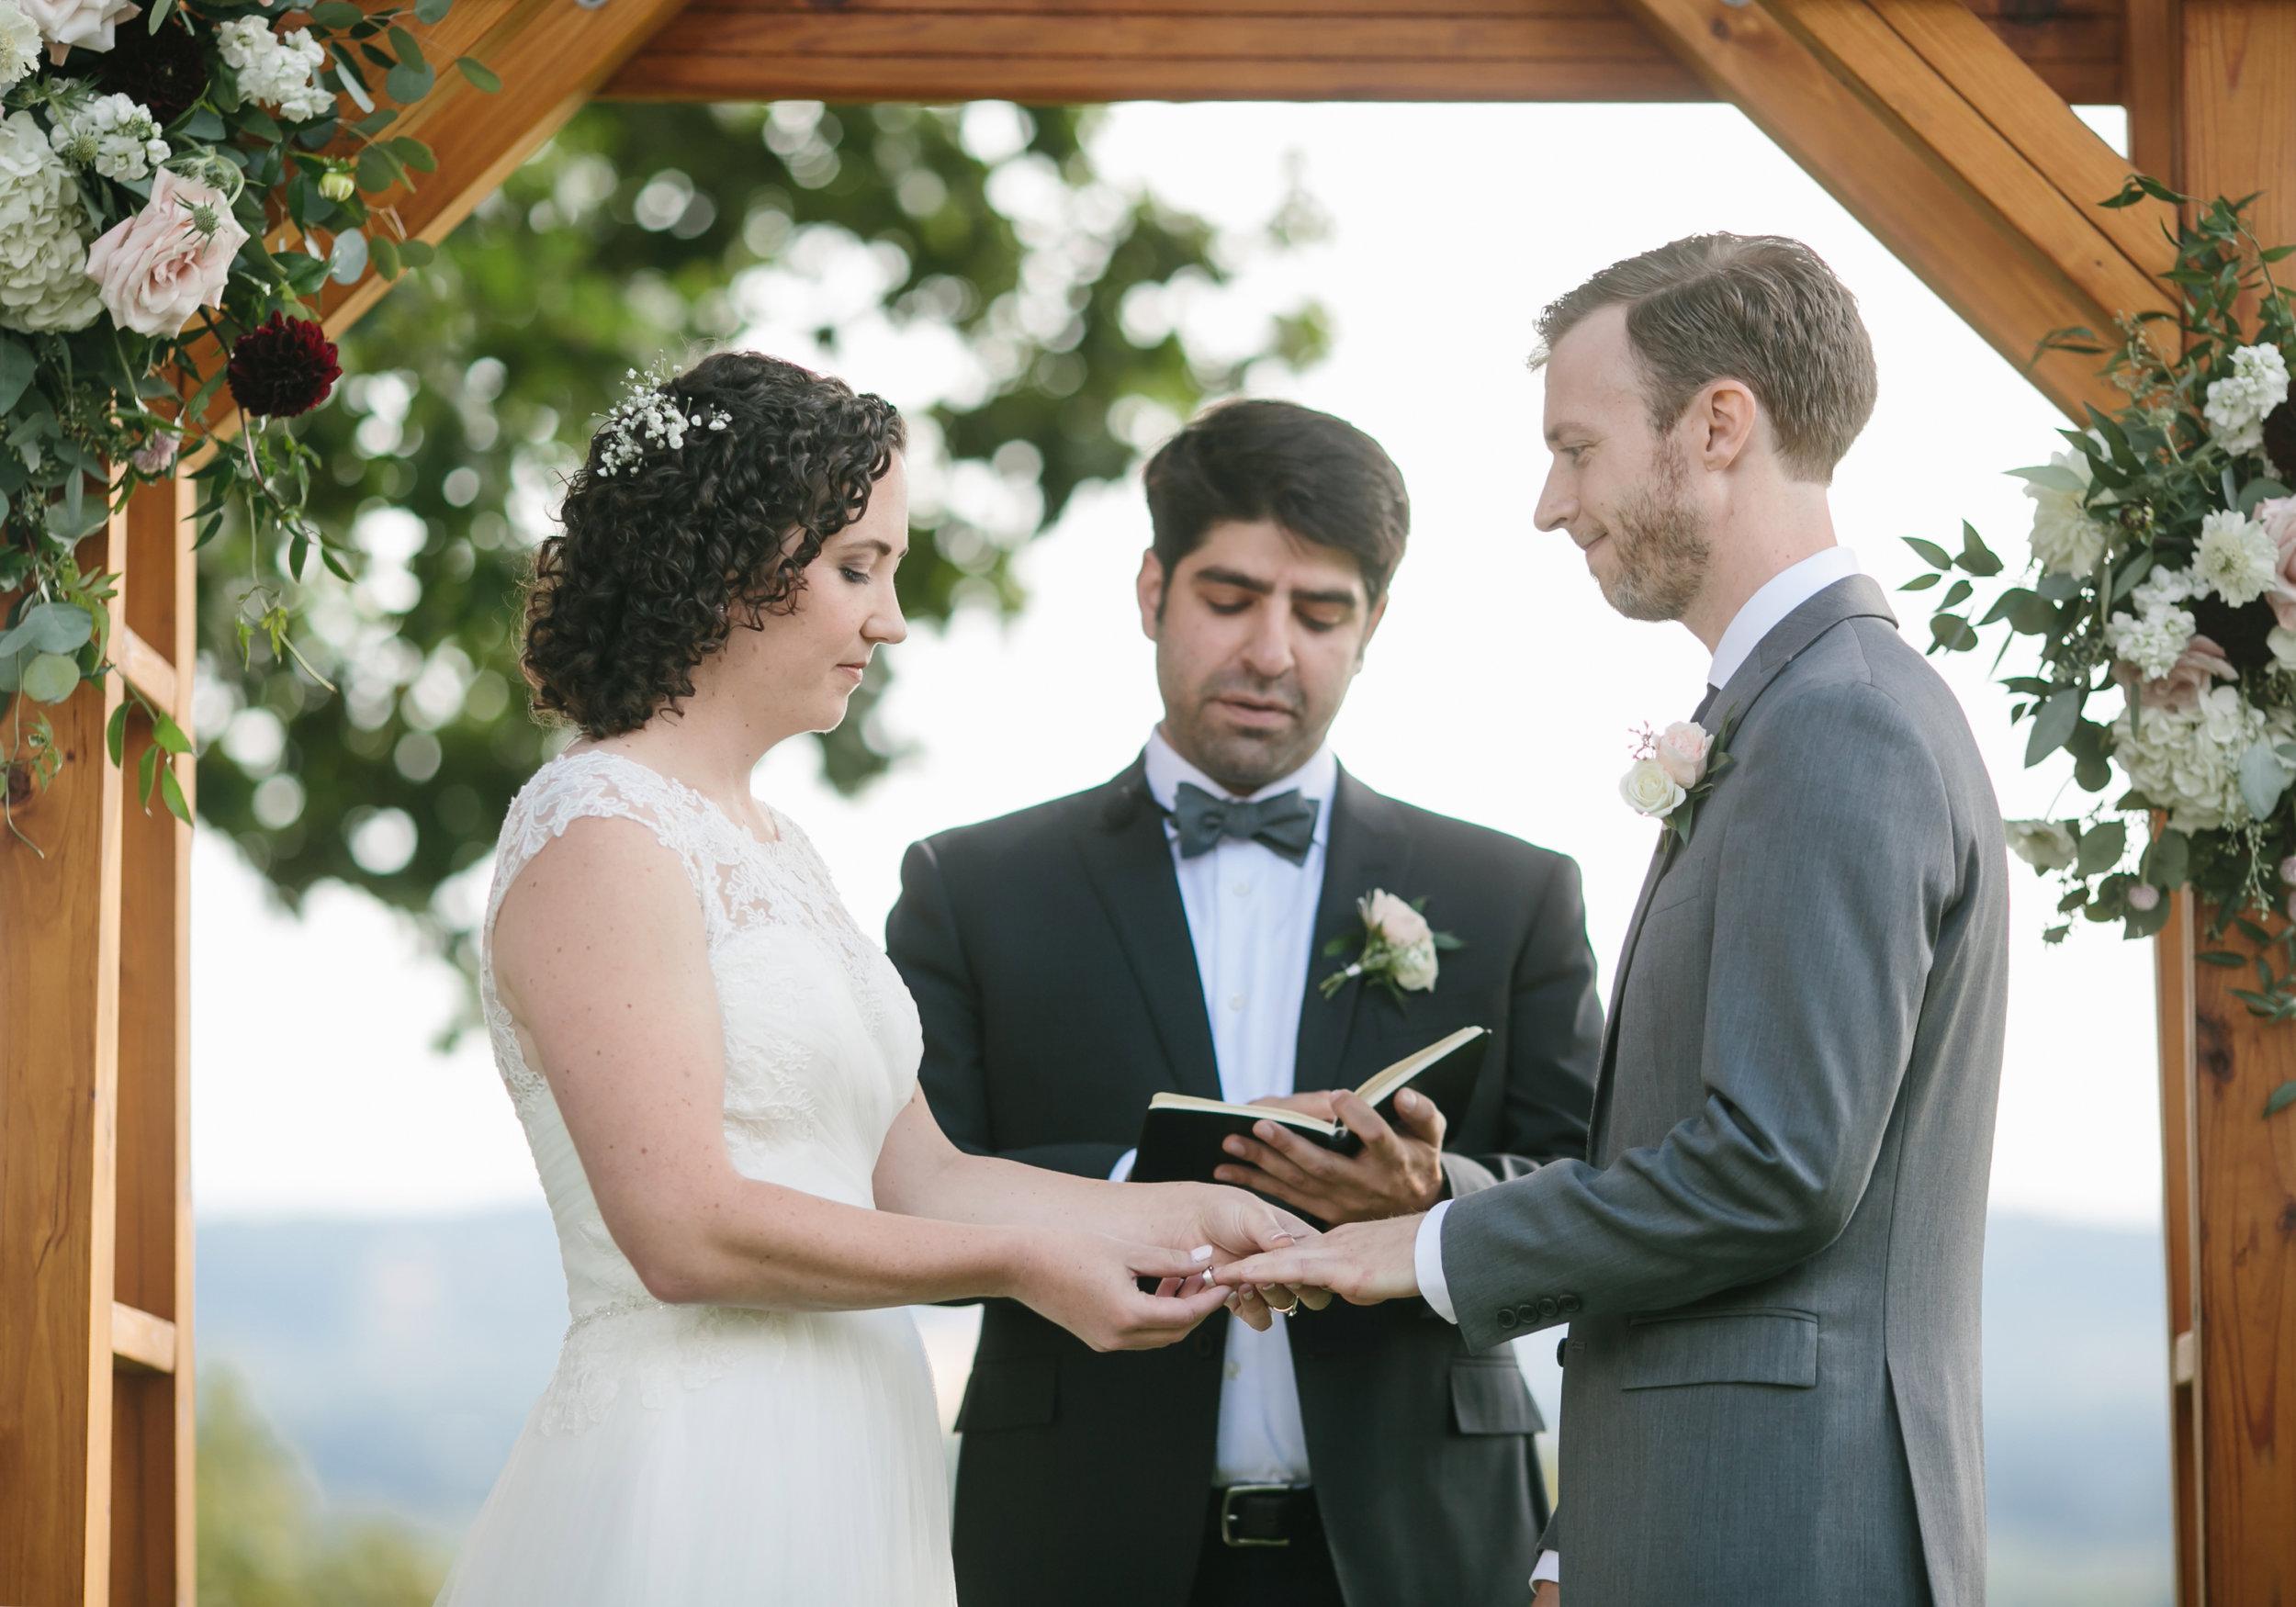 scholls-valley-lodge-wedding-photographer-ashley-courter0014.JPG